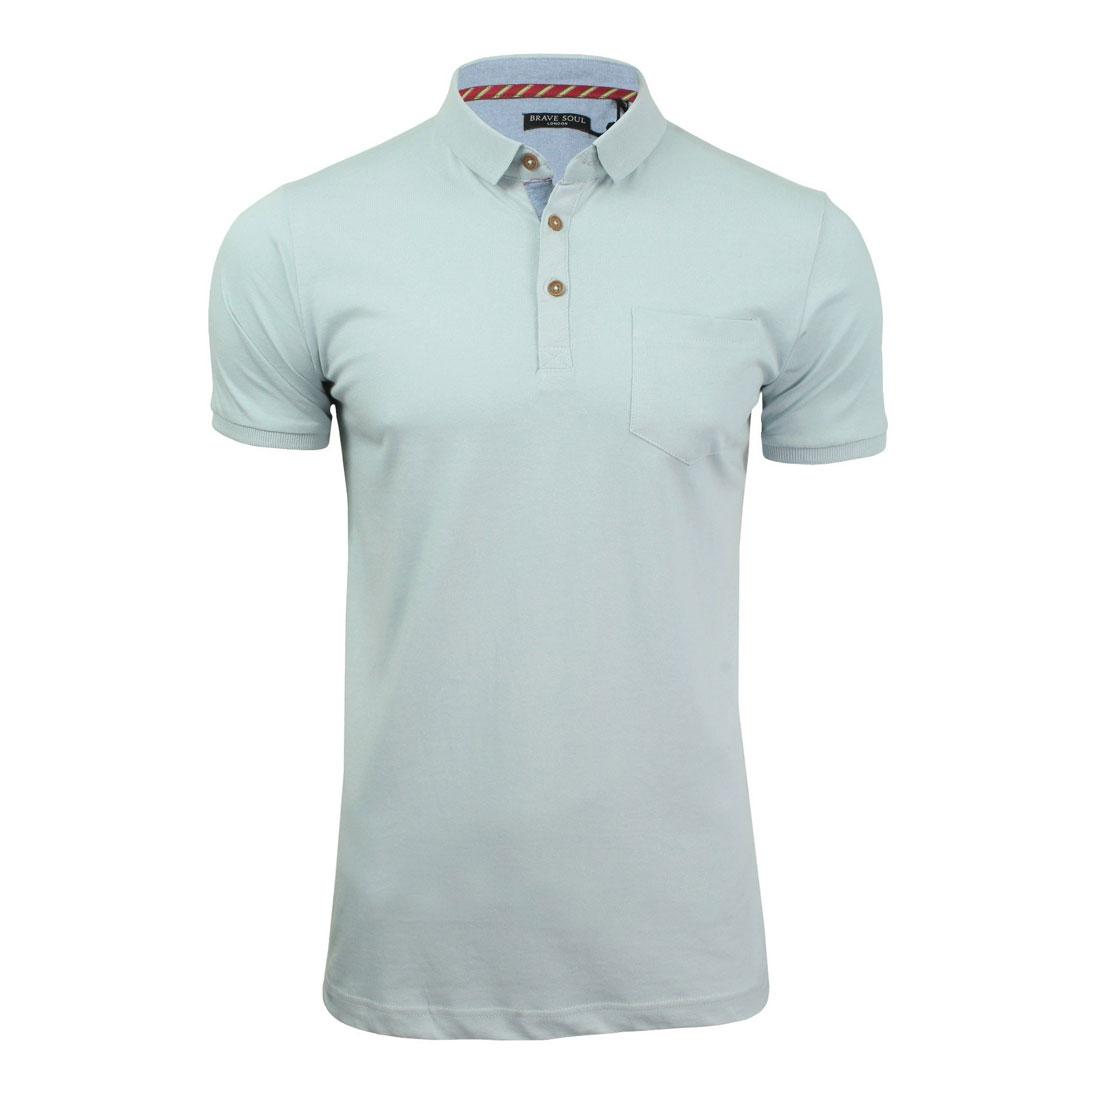 Brave-Soul-Hommes-Polo-T-Shirt-034-Julius-039-S-Coton-A-Col-Manches-Courtes-Haut-Decontracte miniature 13